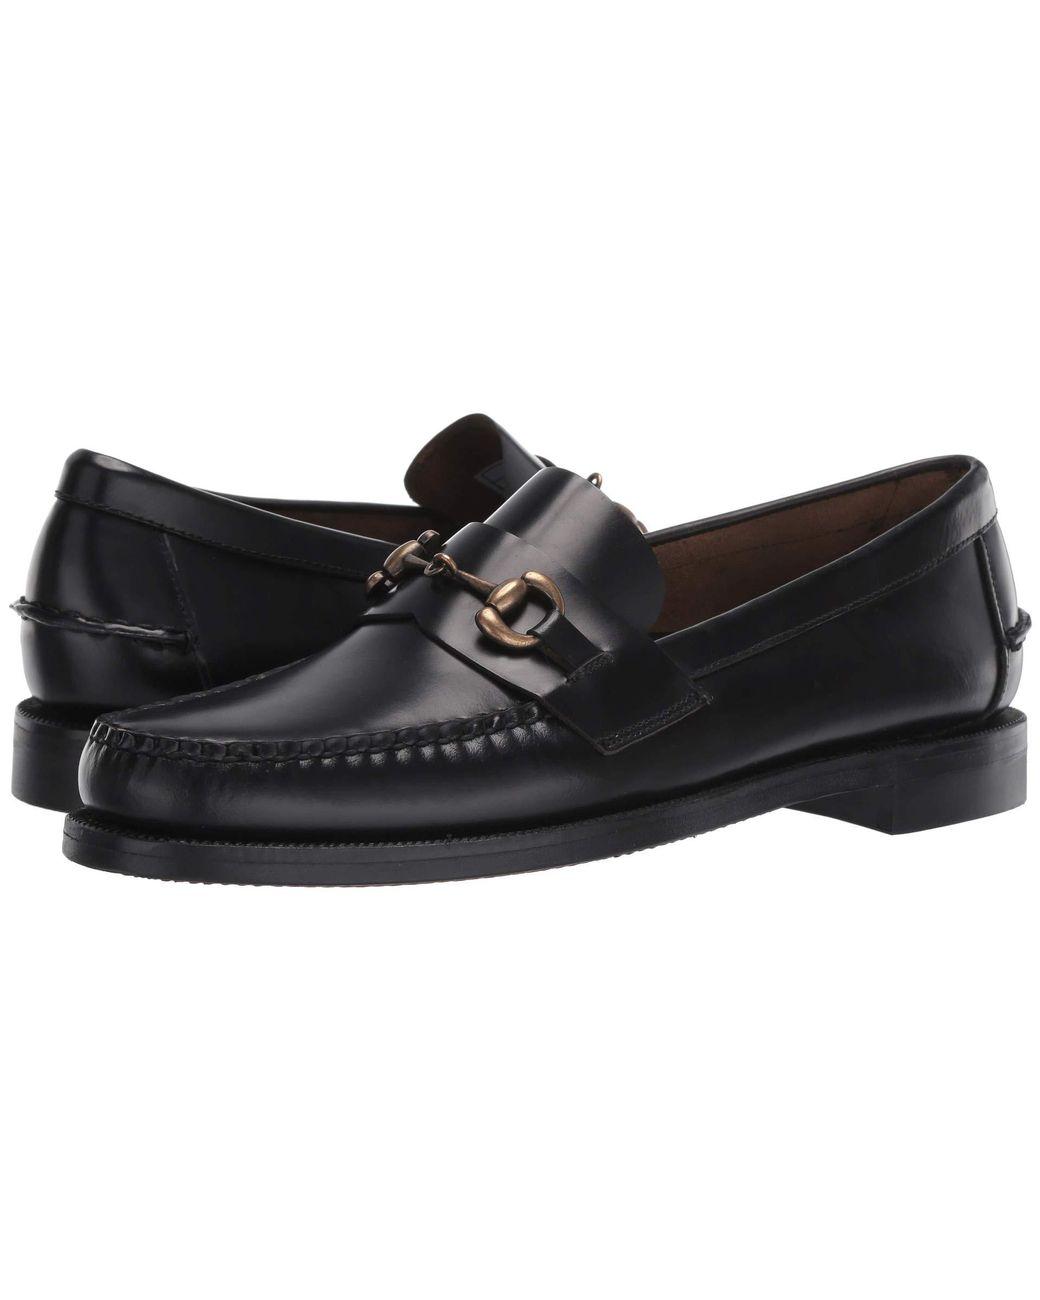 18193129194b Sebago Classic Joe in Black for Men - Lyst